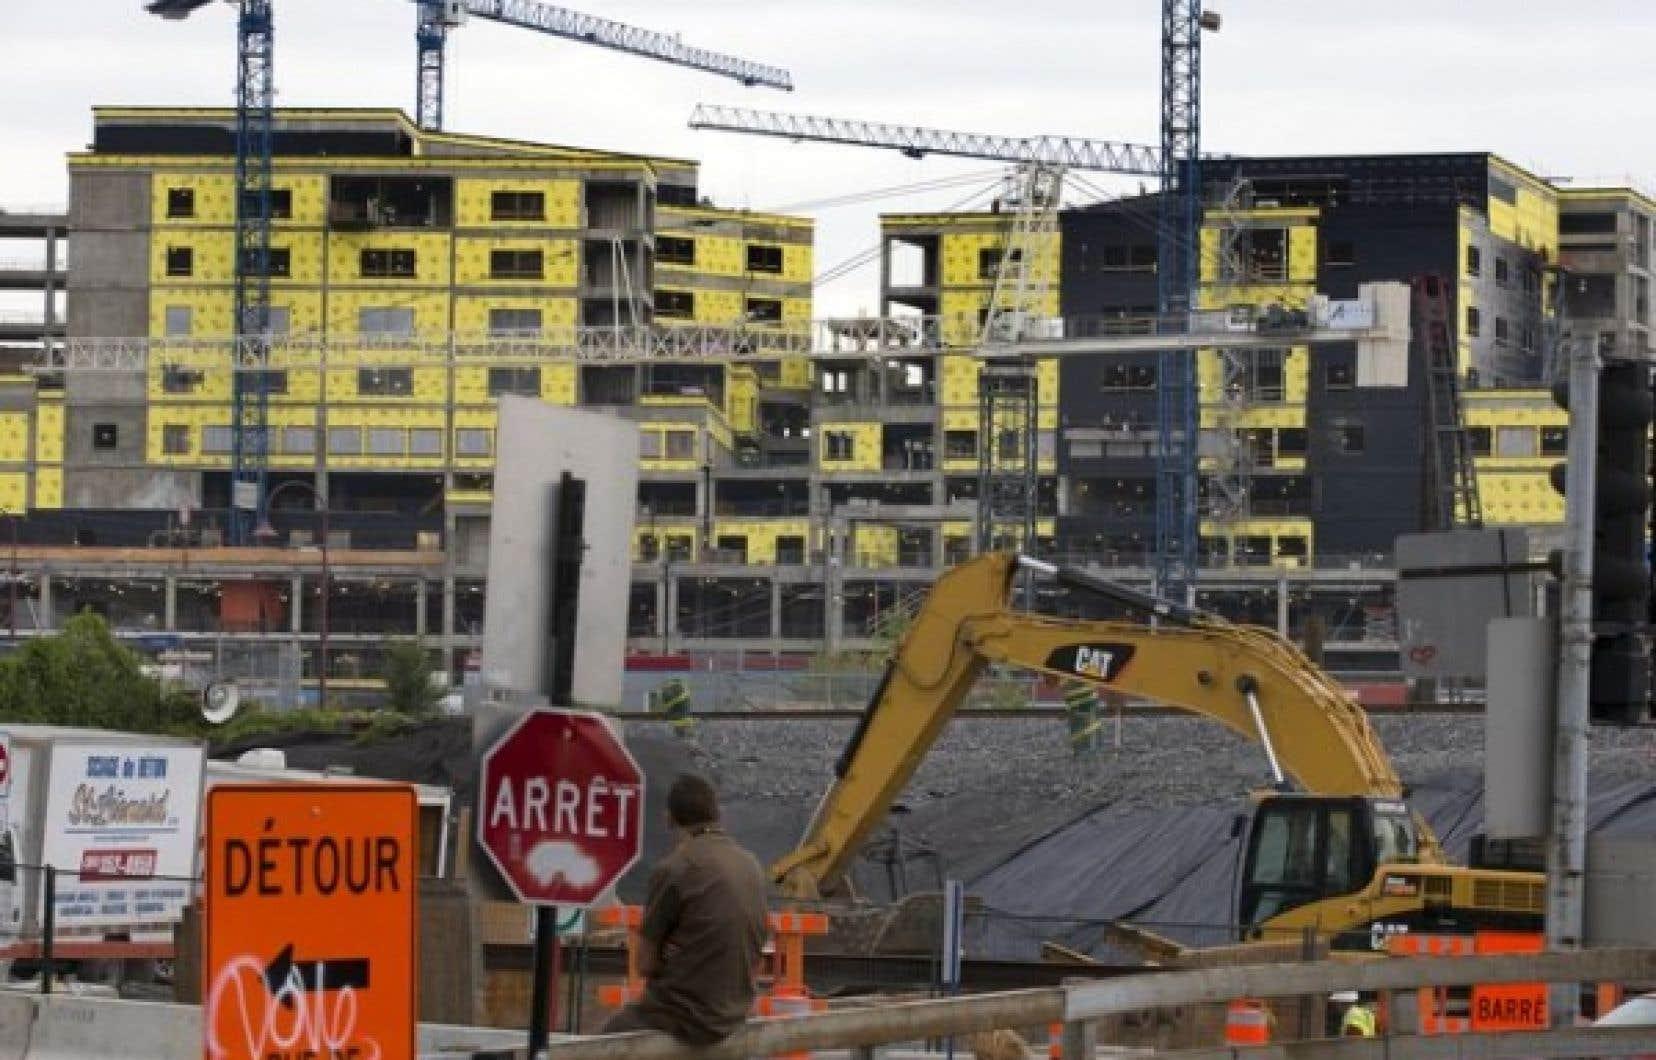 Le CUSM est le pendant anglophone du CHUM. Les deux hôpitaux sont présentement en chantier ce qui implique une multitude de contrats de construction.